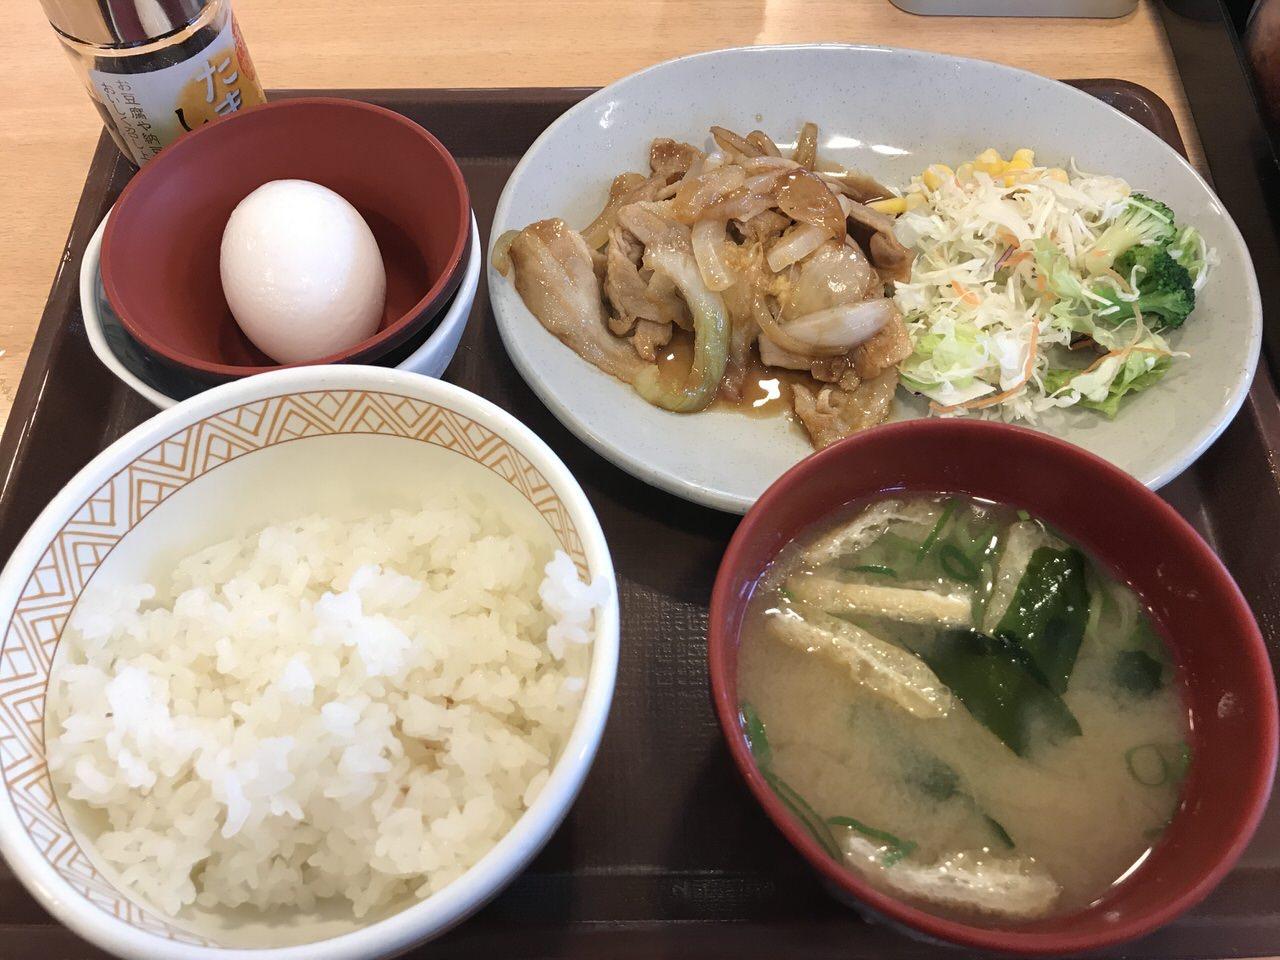 すき家の朝食「豚の生姜焼き朝食」